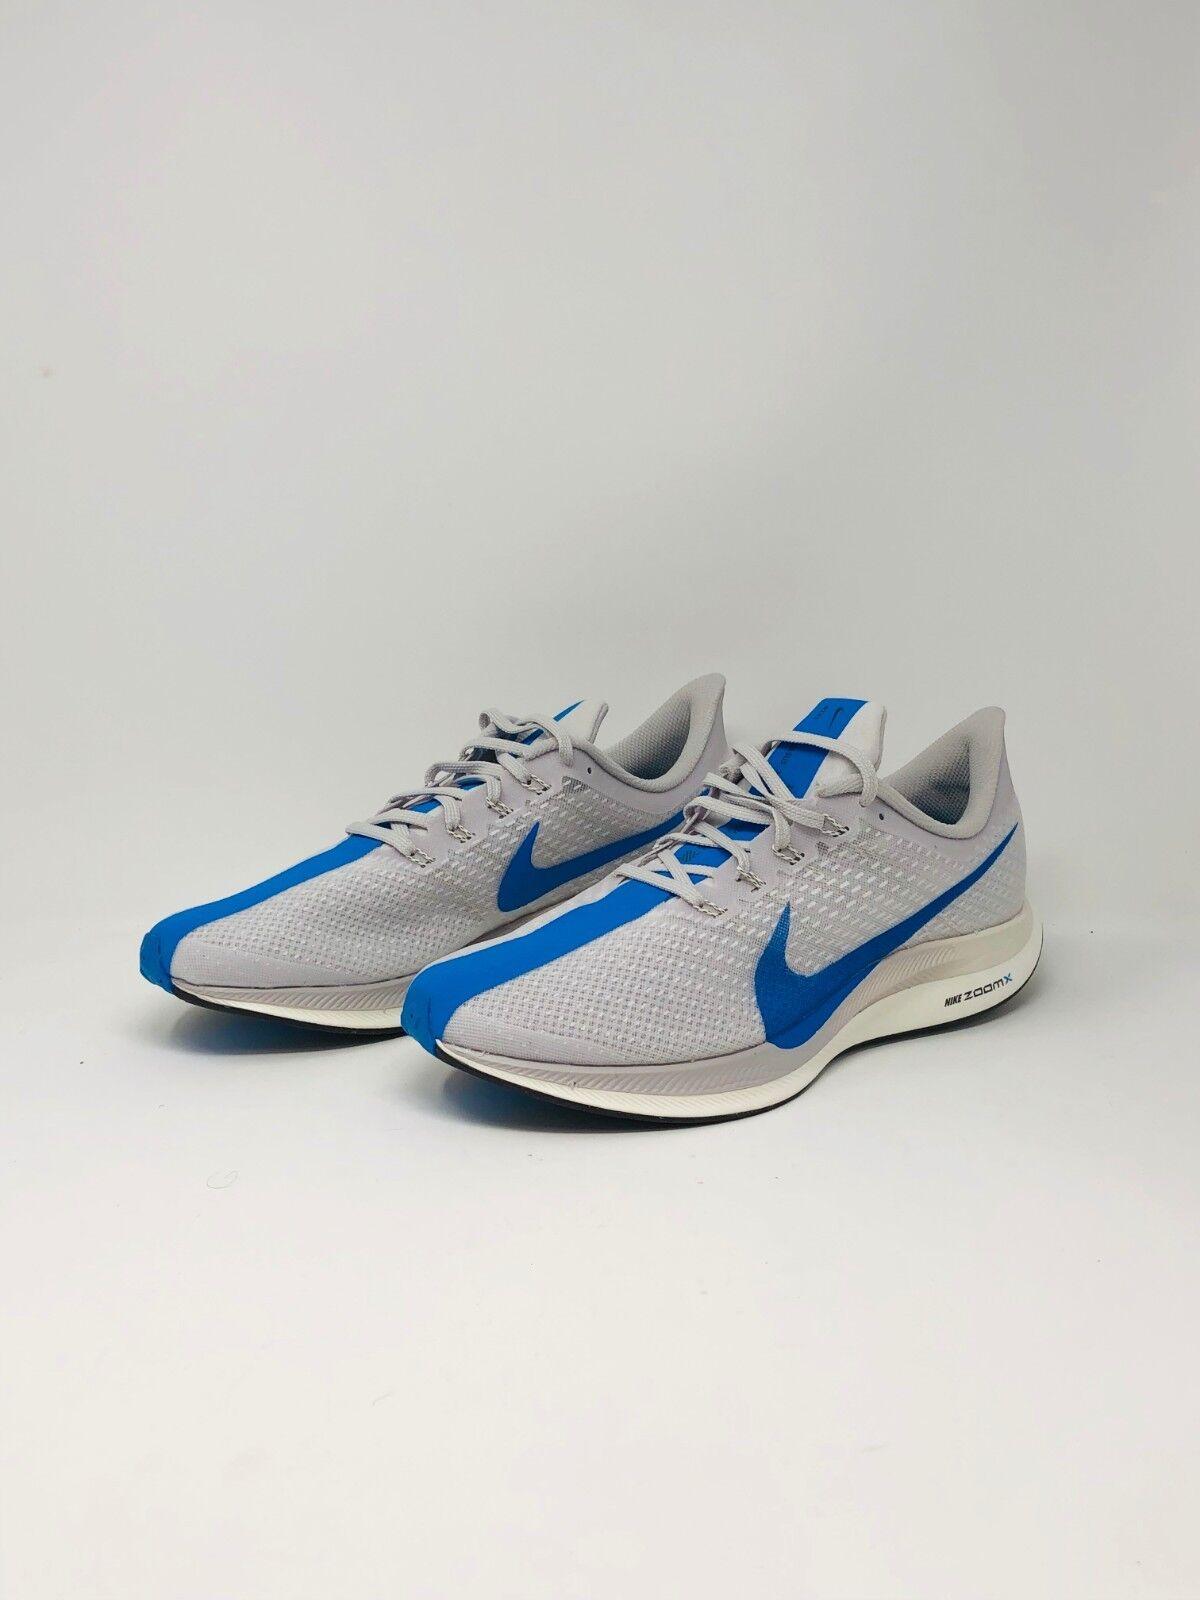 e587d49659ea Nike Zoom Pegasus 35 Turbo Turbo Turbo Sail Light Bone bluee Void Hero  AJ4114-140